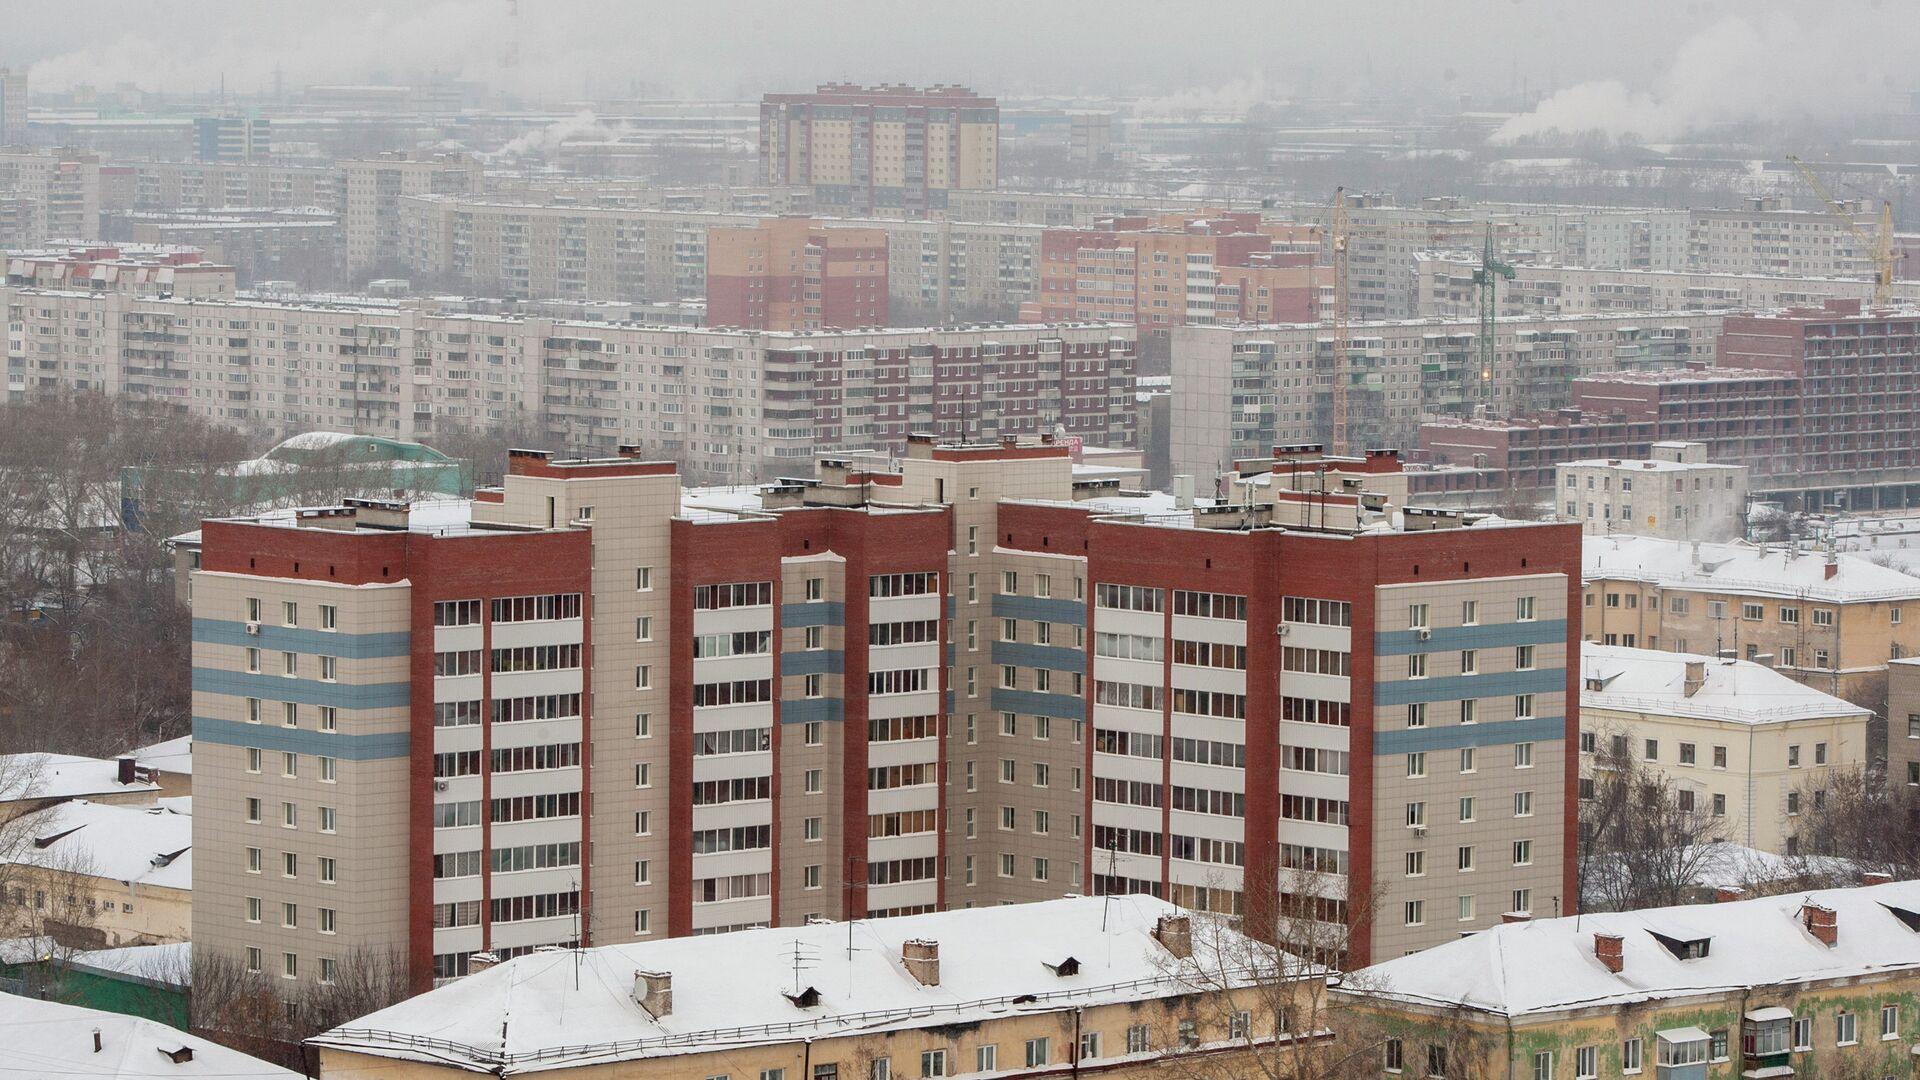 Ленинский район Новосибирска зимой - РИА Новости, 1920, 18.01.2021